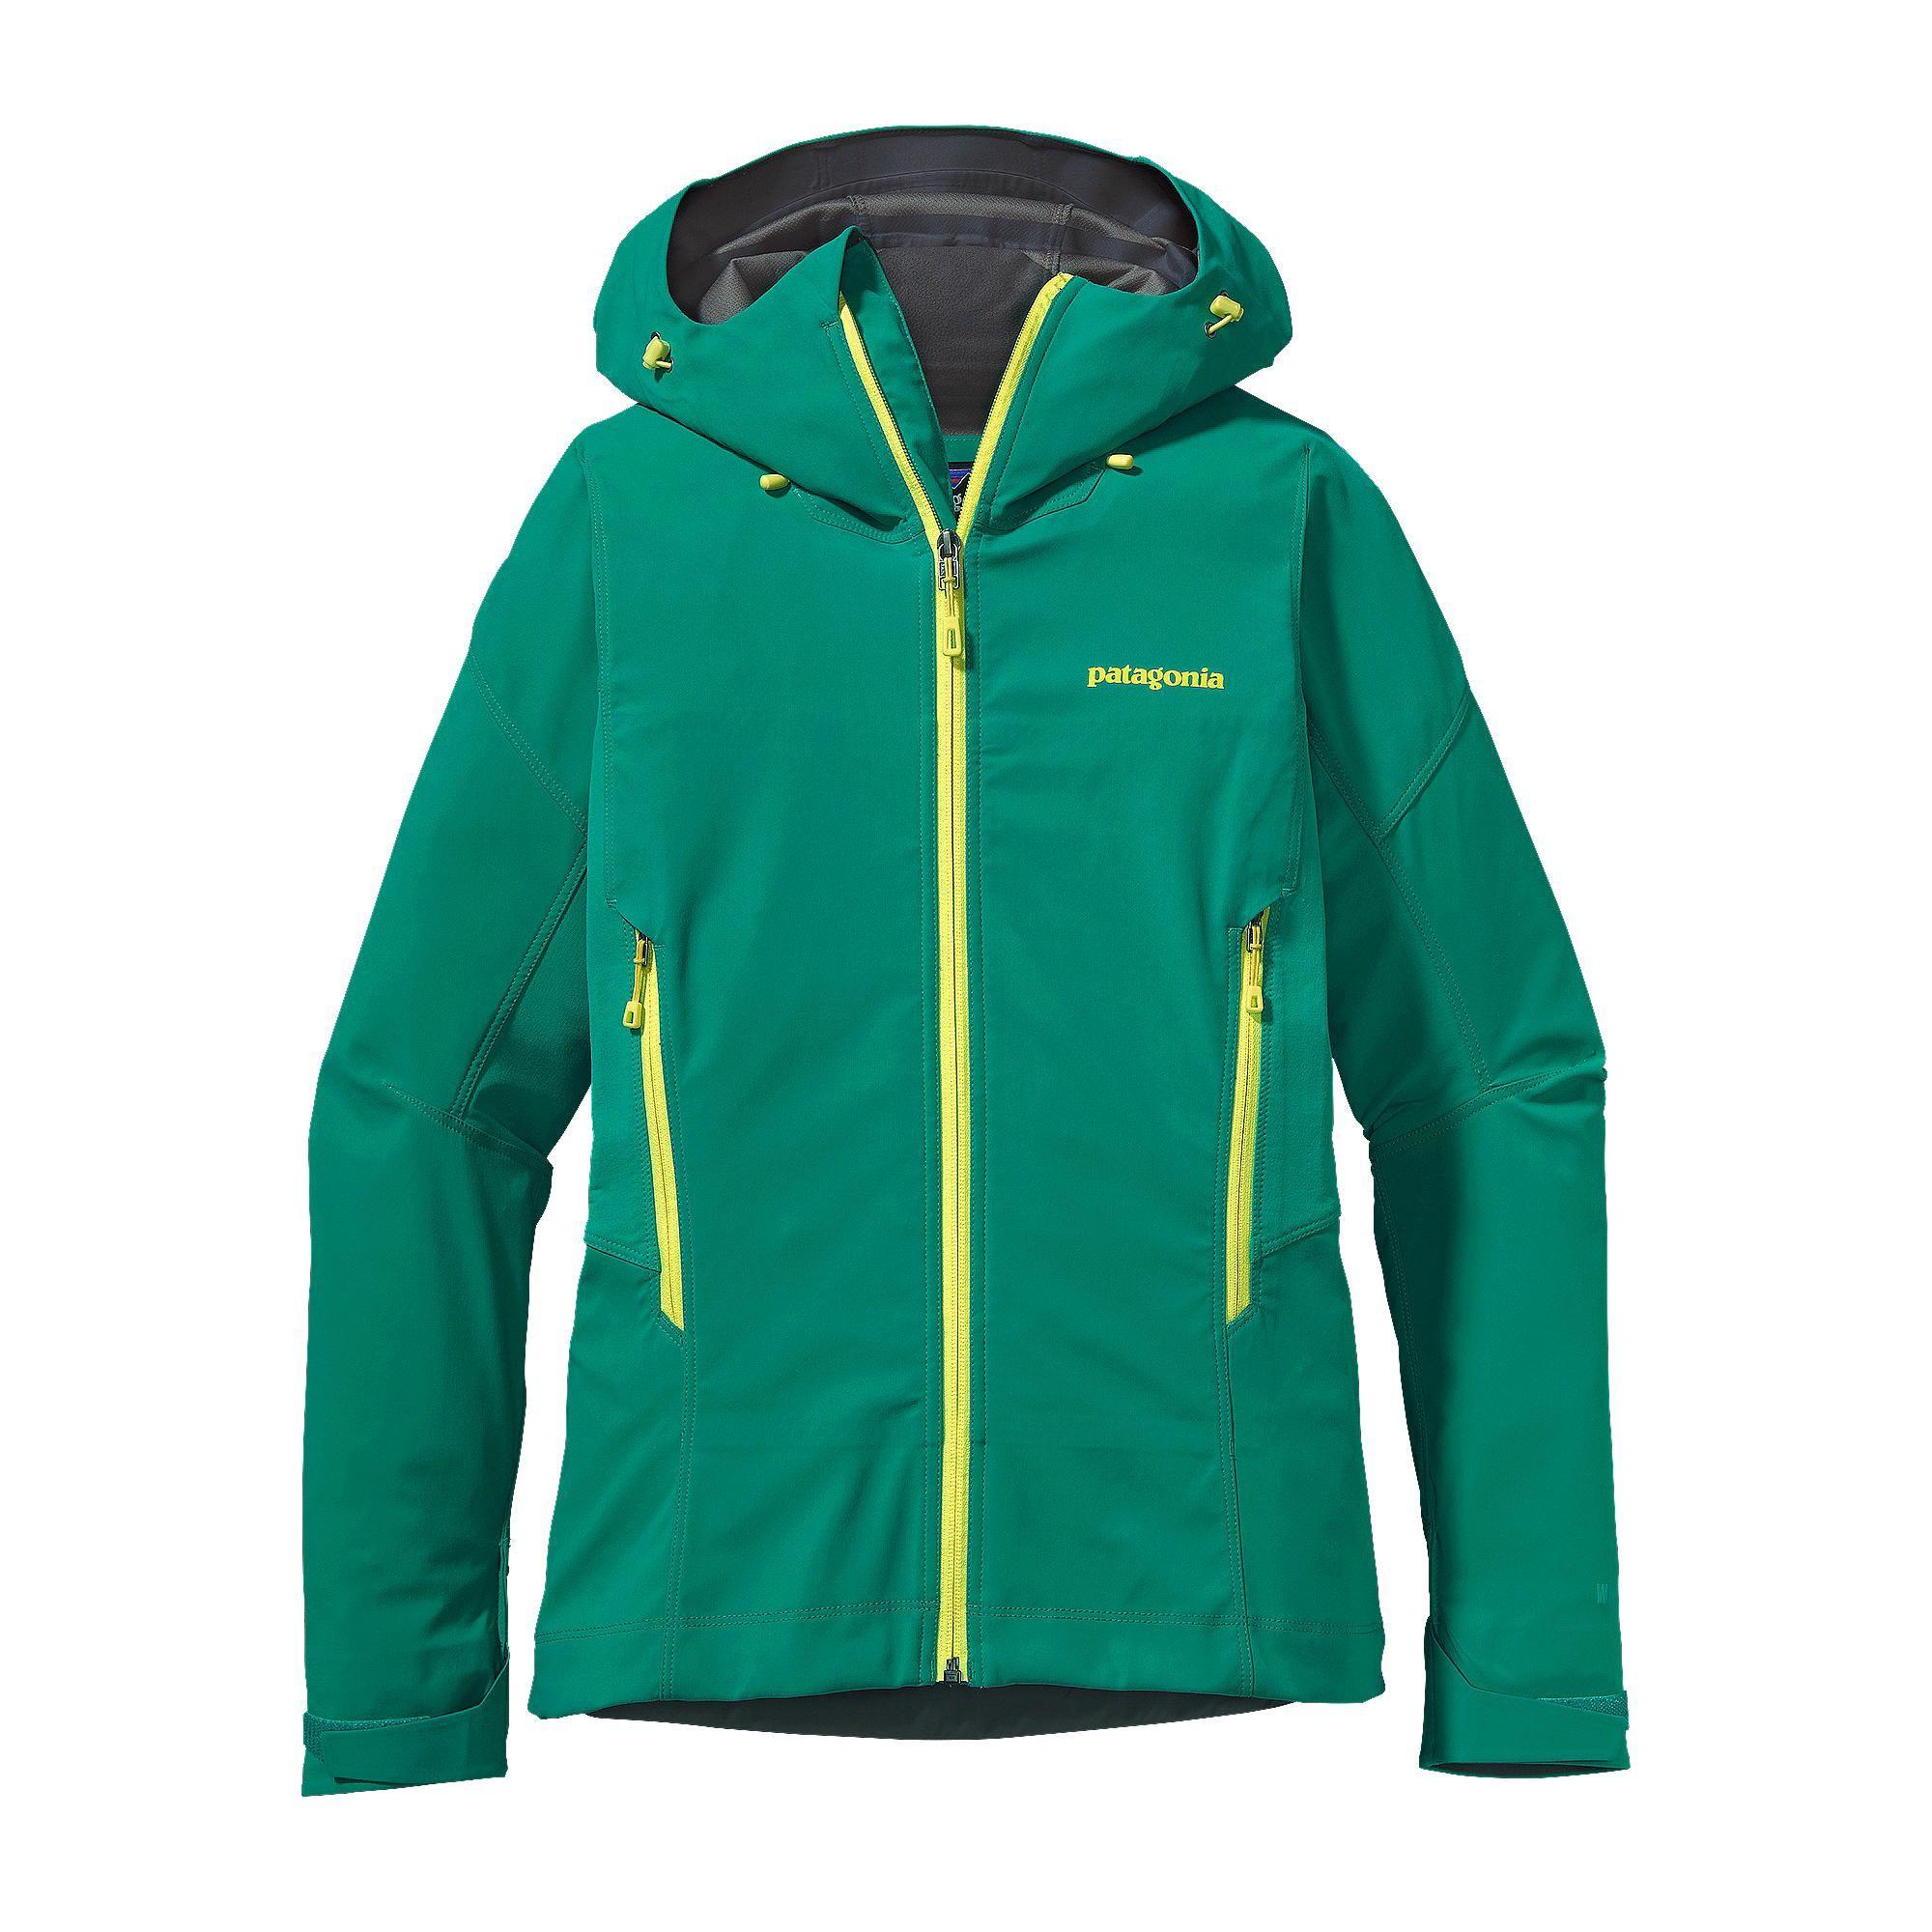 Running Personalised Zip Rain Jacket Waterproof Coat Hooded Wind Stopper Sports